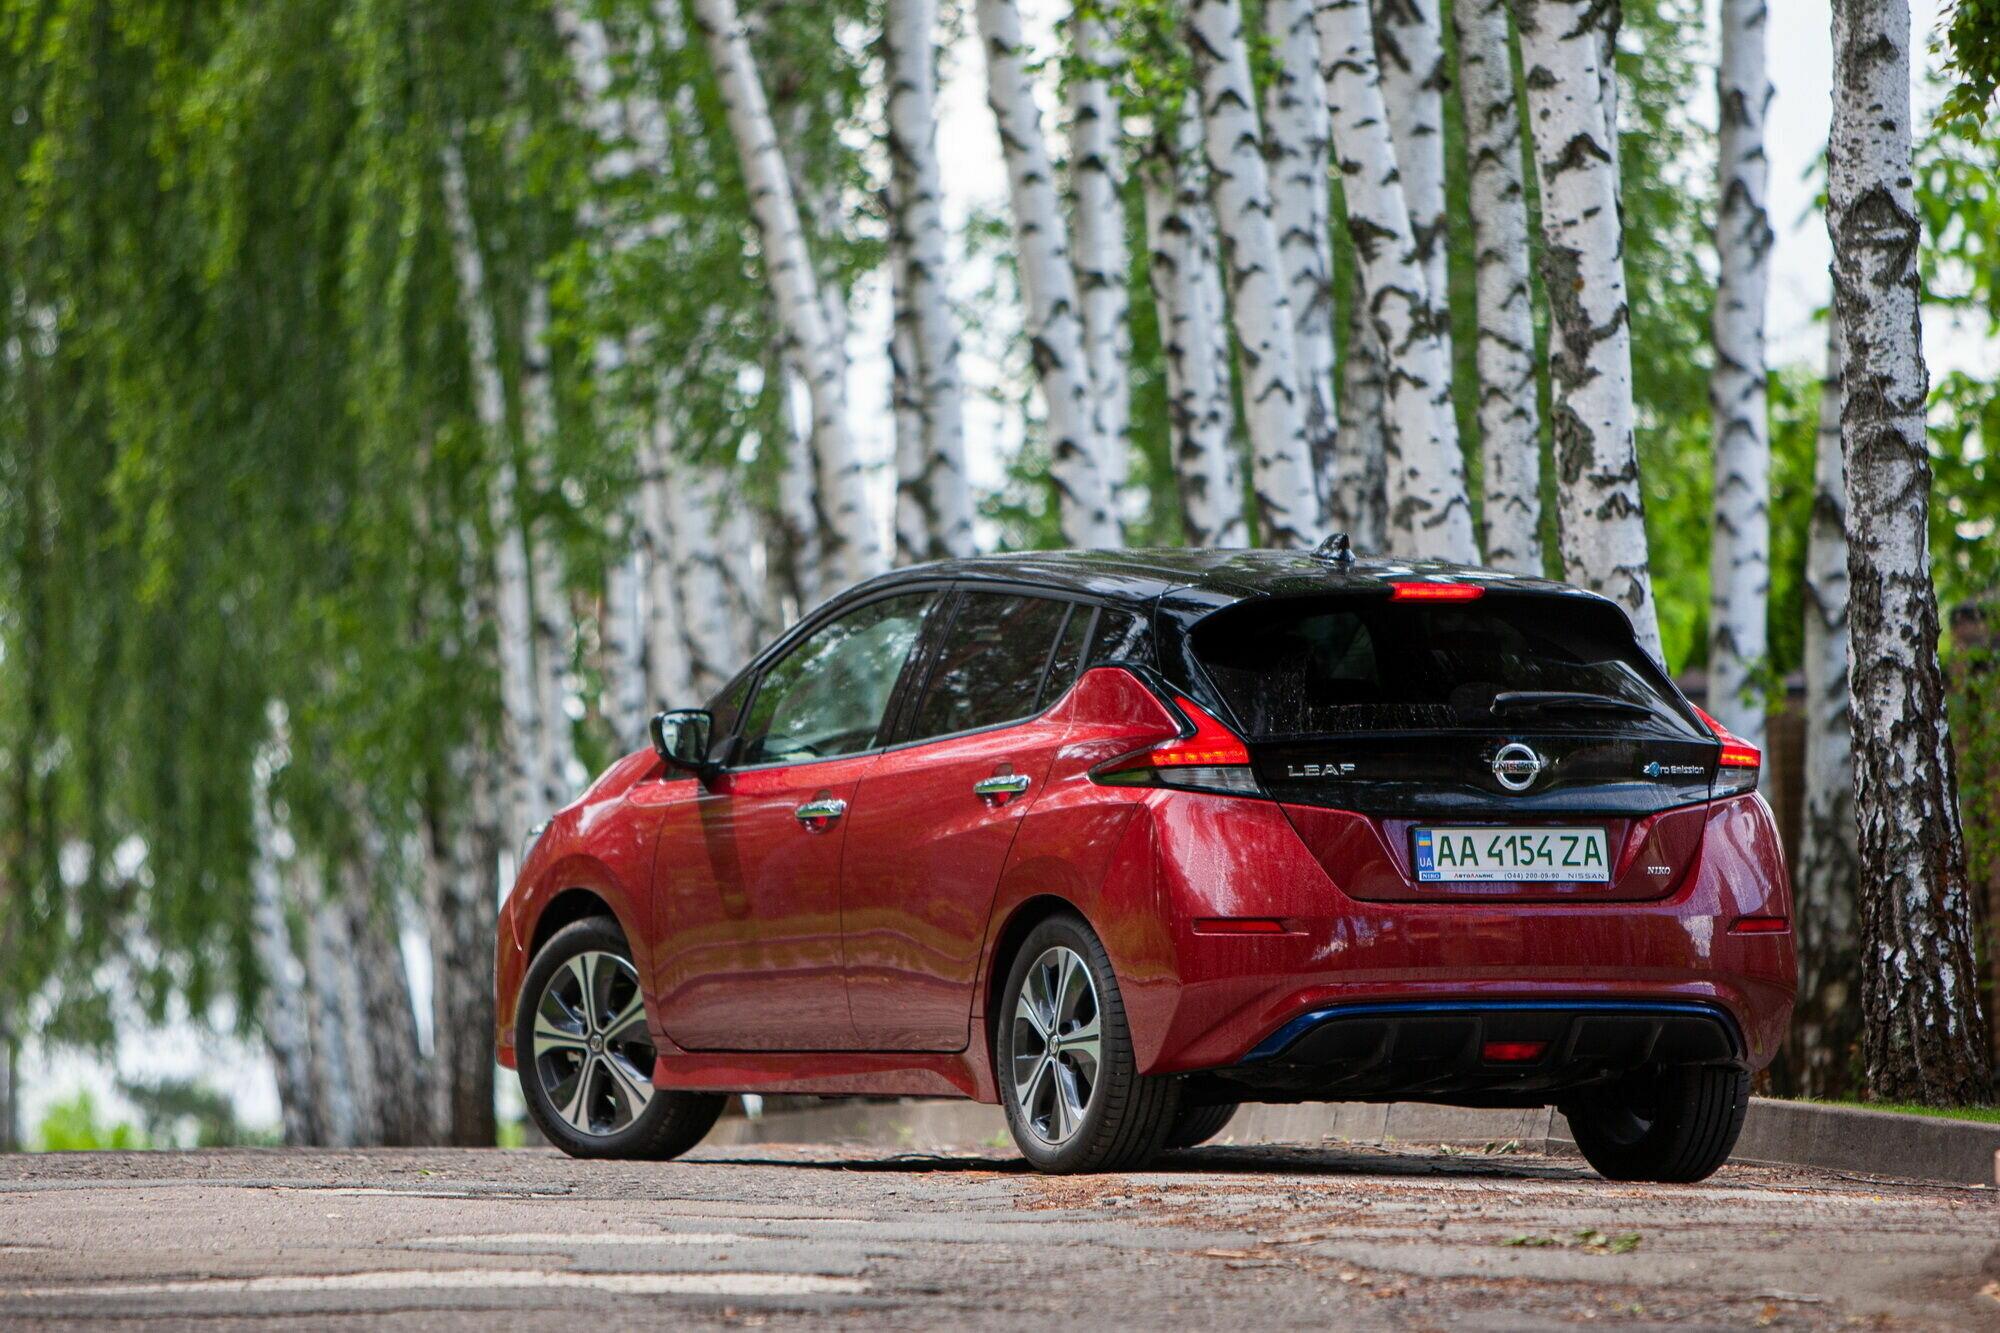 Предвестник новой эры: тестируем новый Nissan Leaf